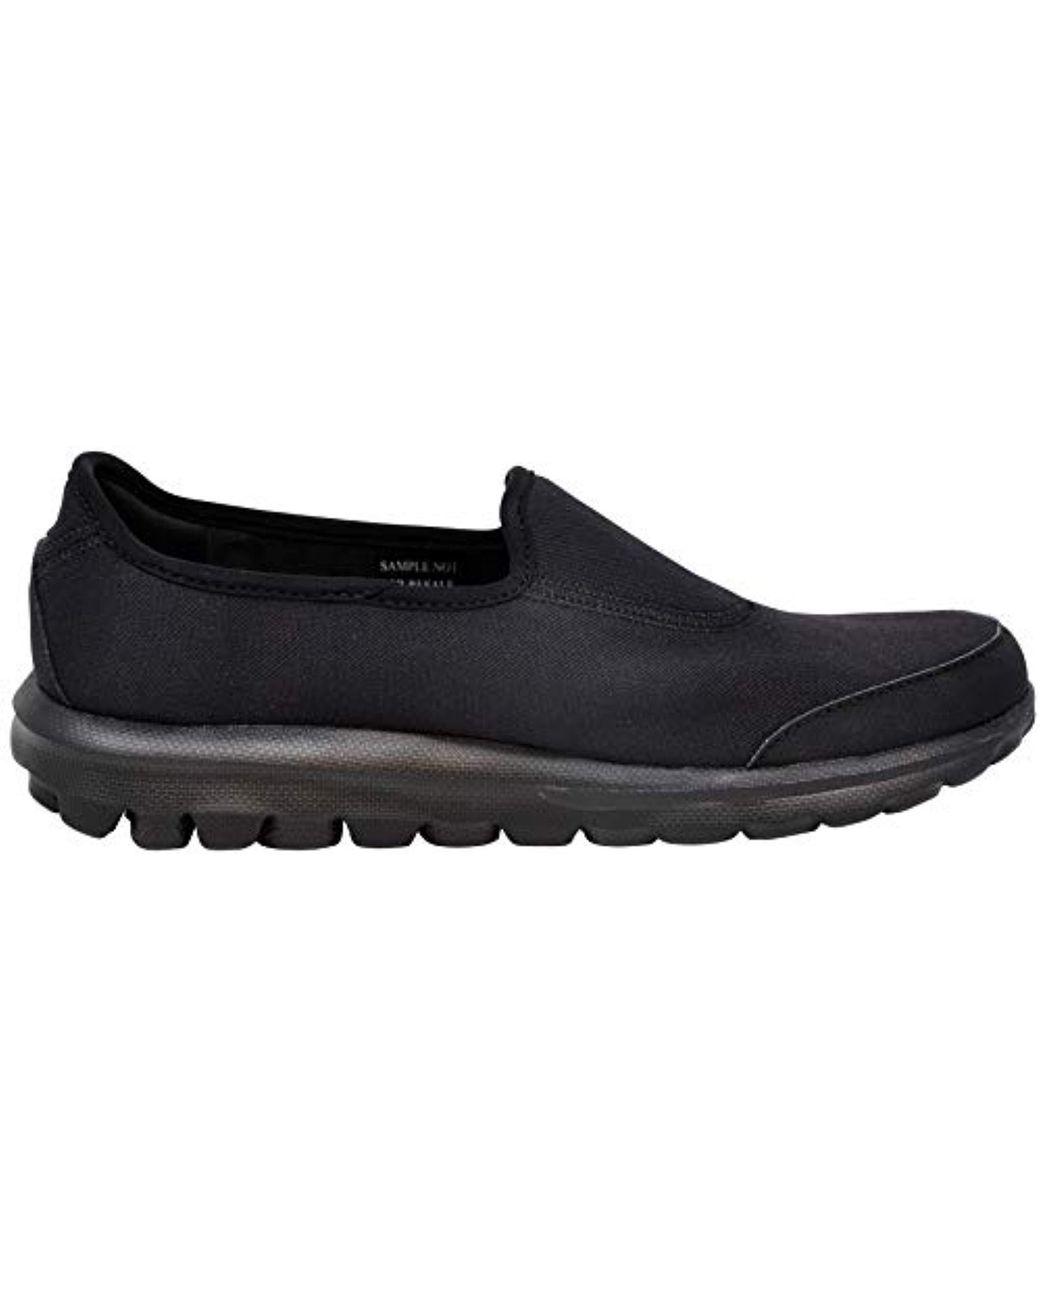 Women's Black Gowalk Impress Sneakers